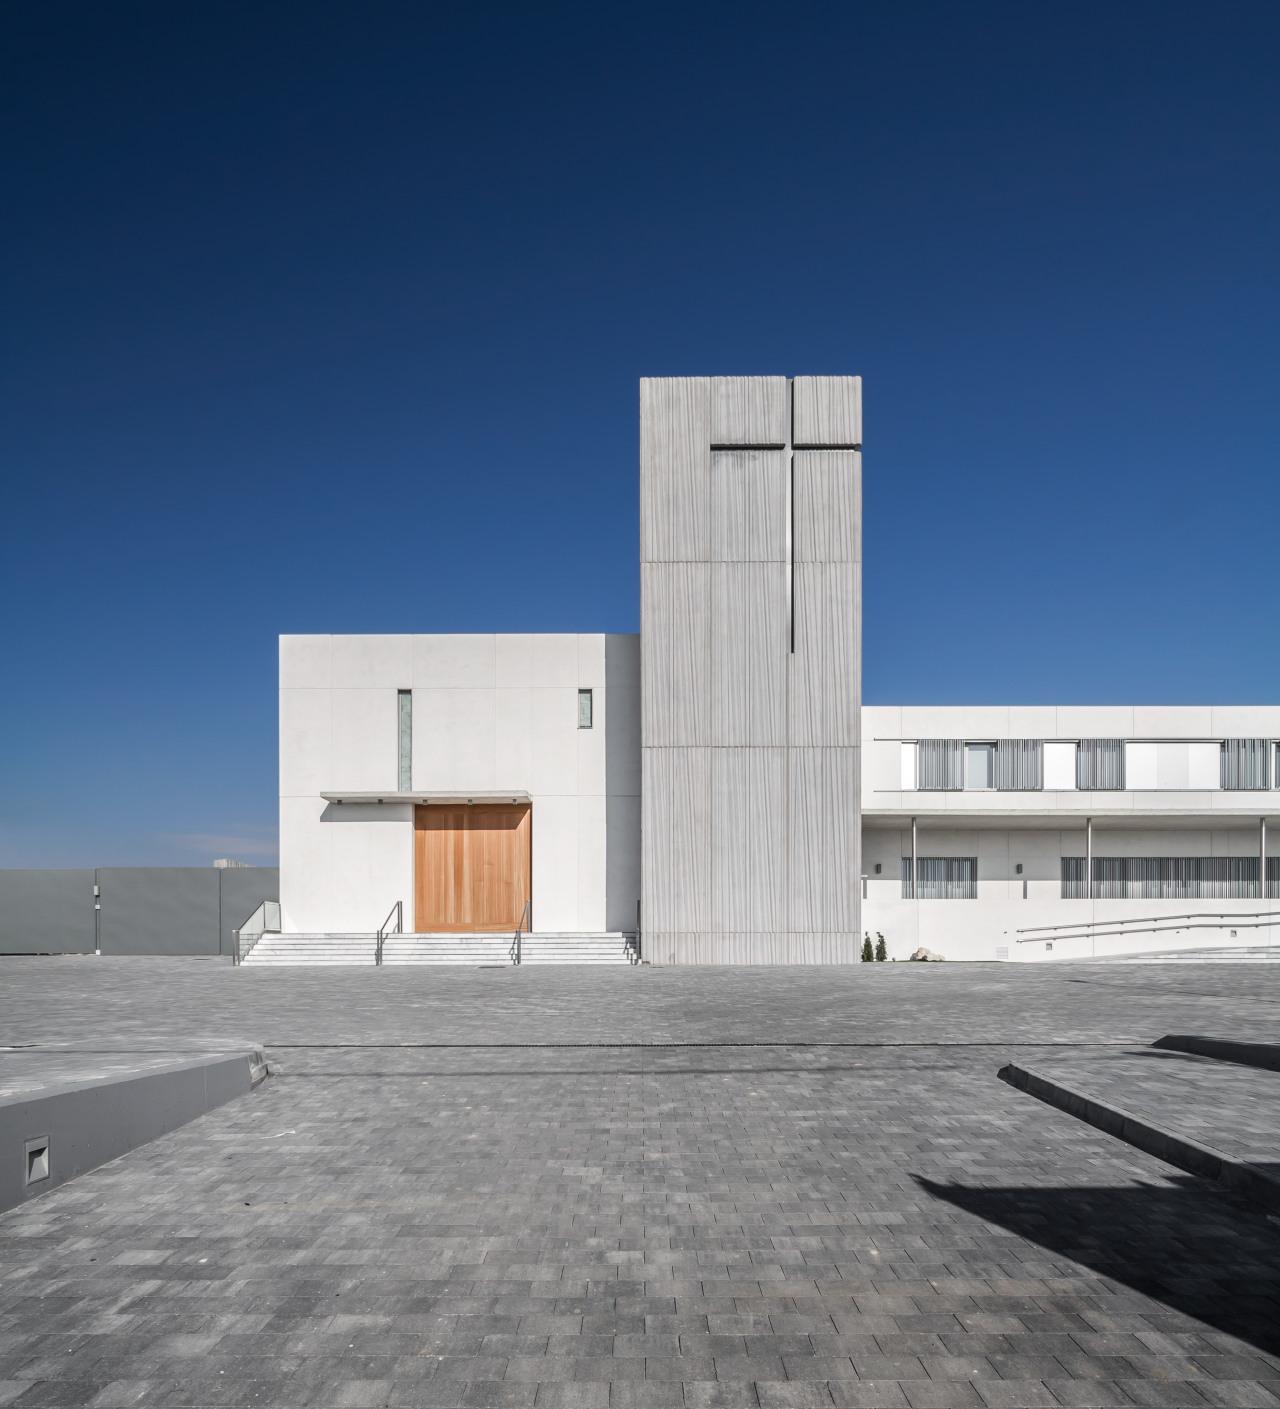 fotografia-arquitectura-valencia-german-cabo-hernandez-monasterio (2)